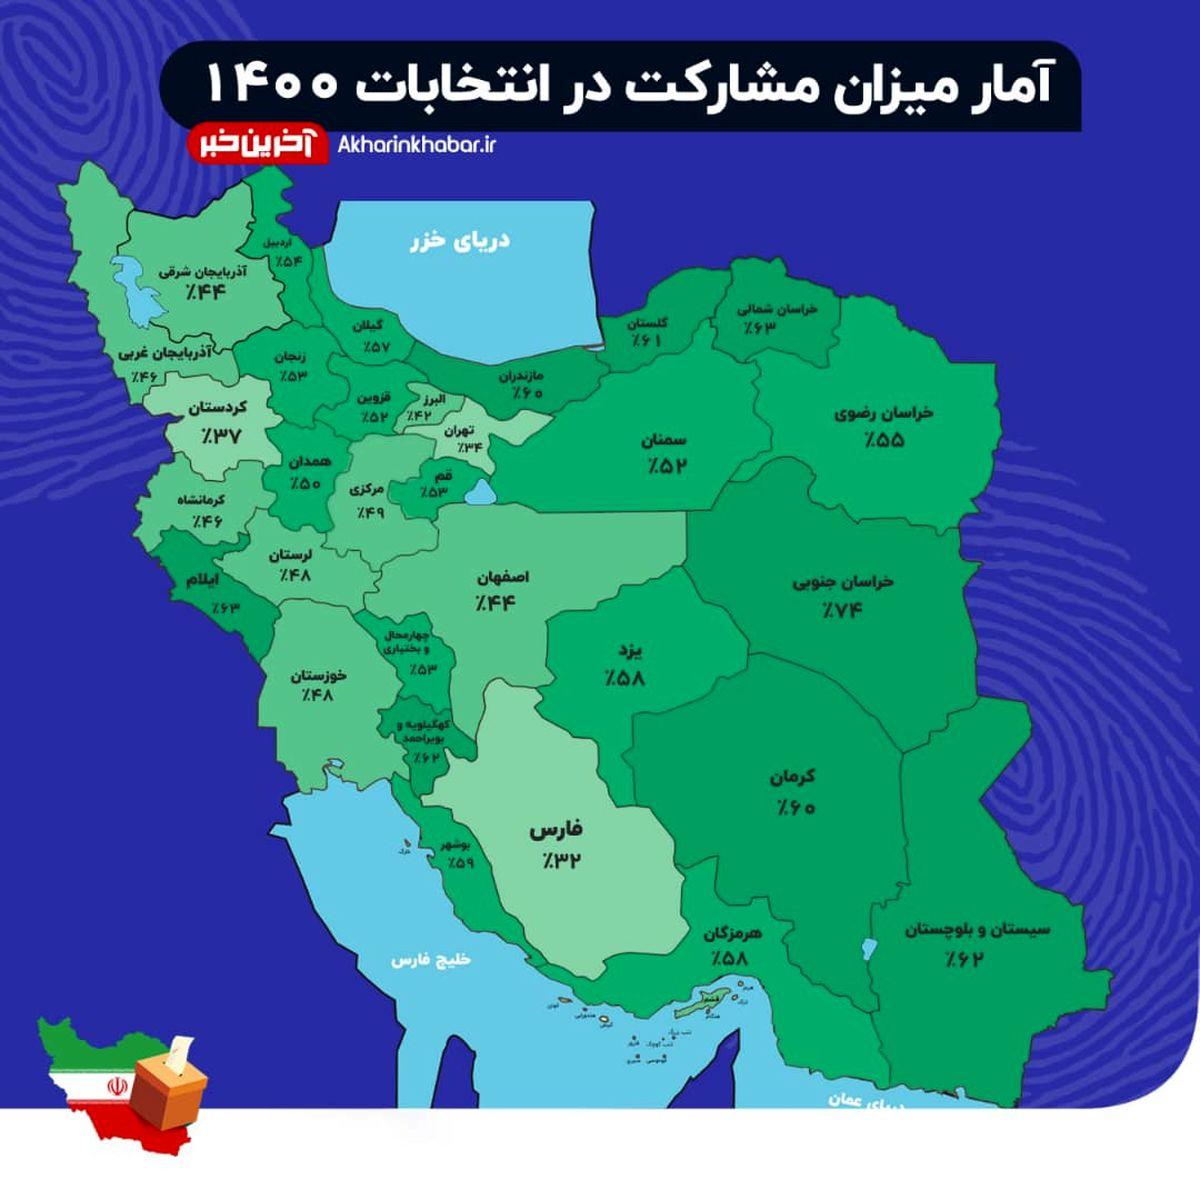 آمار نهایی مشارکت مردمی استانها در انتخابات ۱۴۰۰